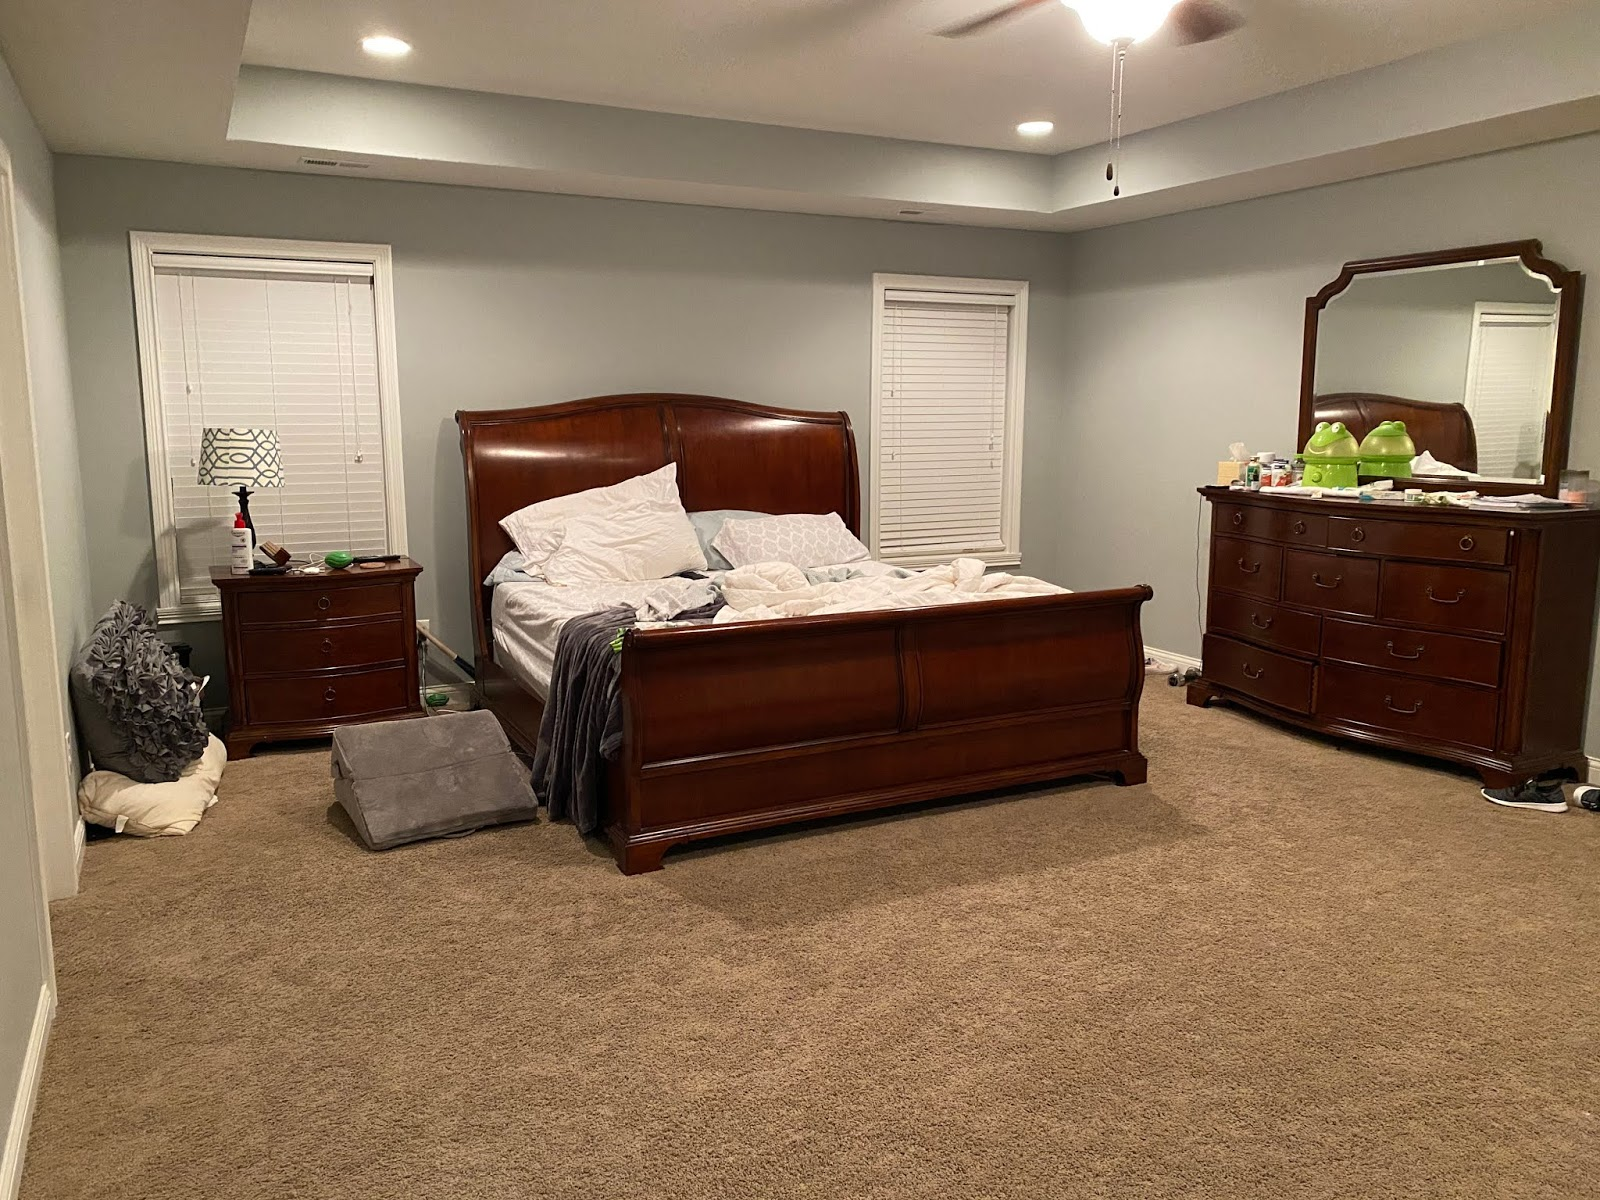 Jen Master Bedroom Vanity Dresser View